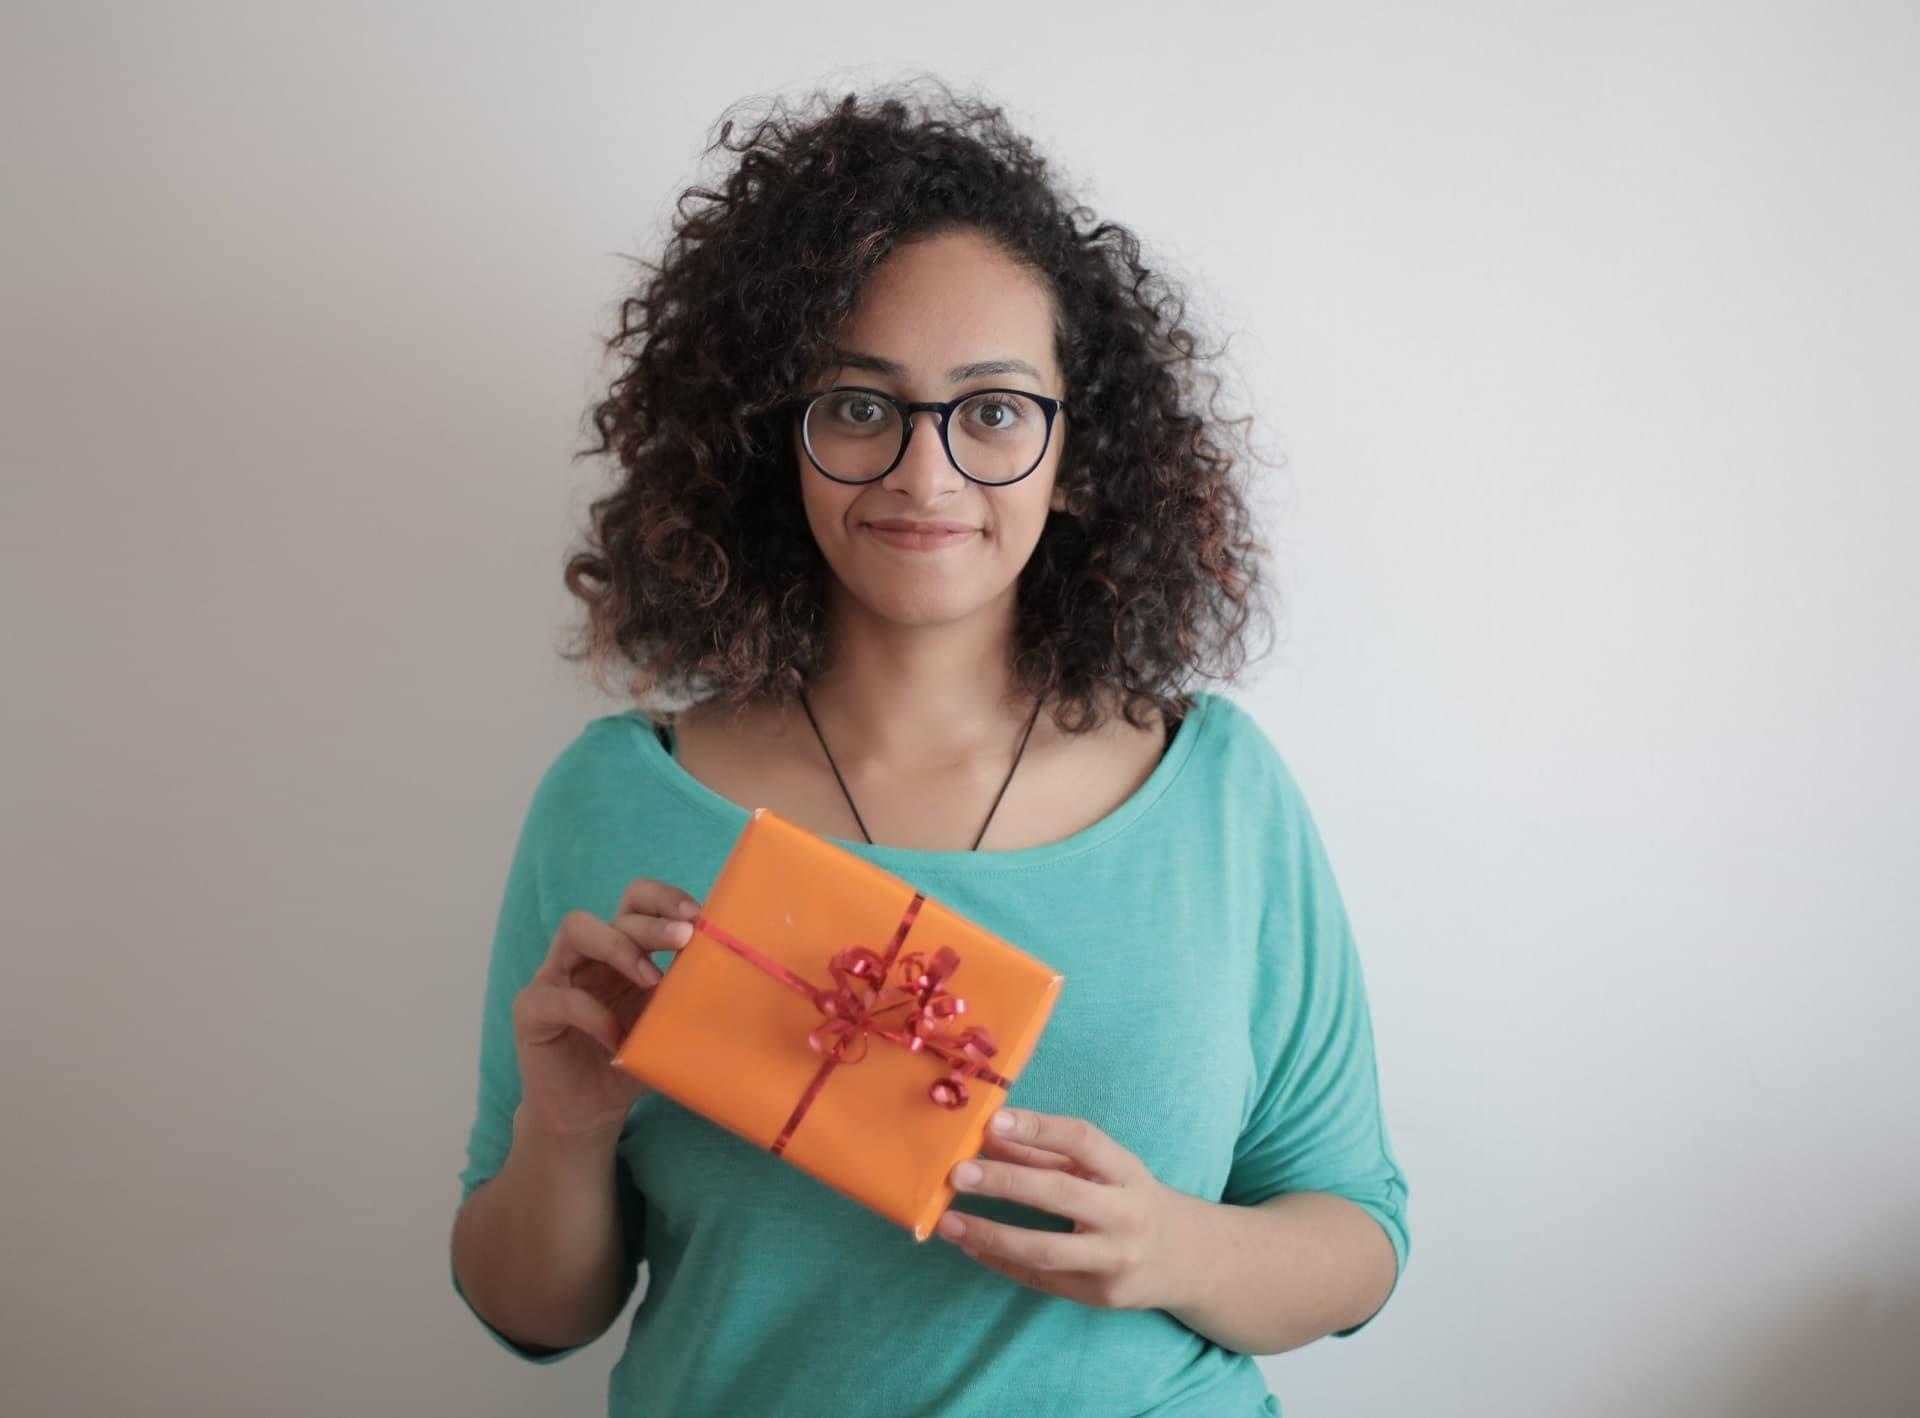 Frau mit Geschenk in den Händen